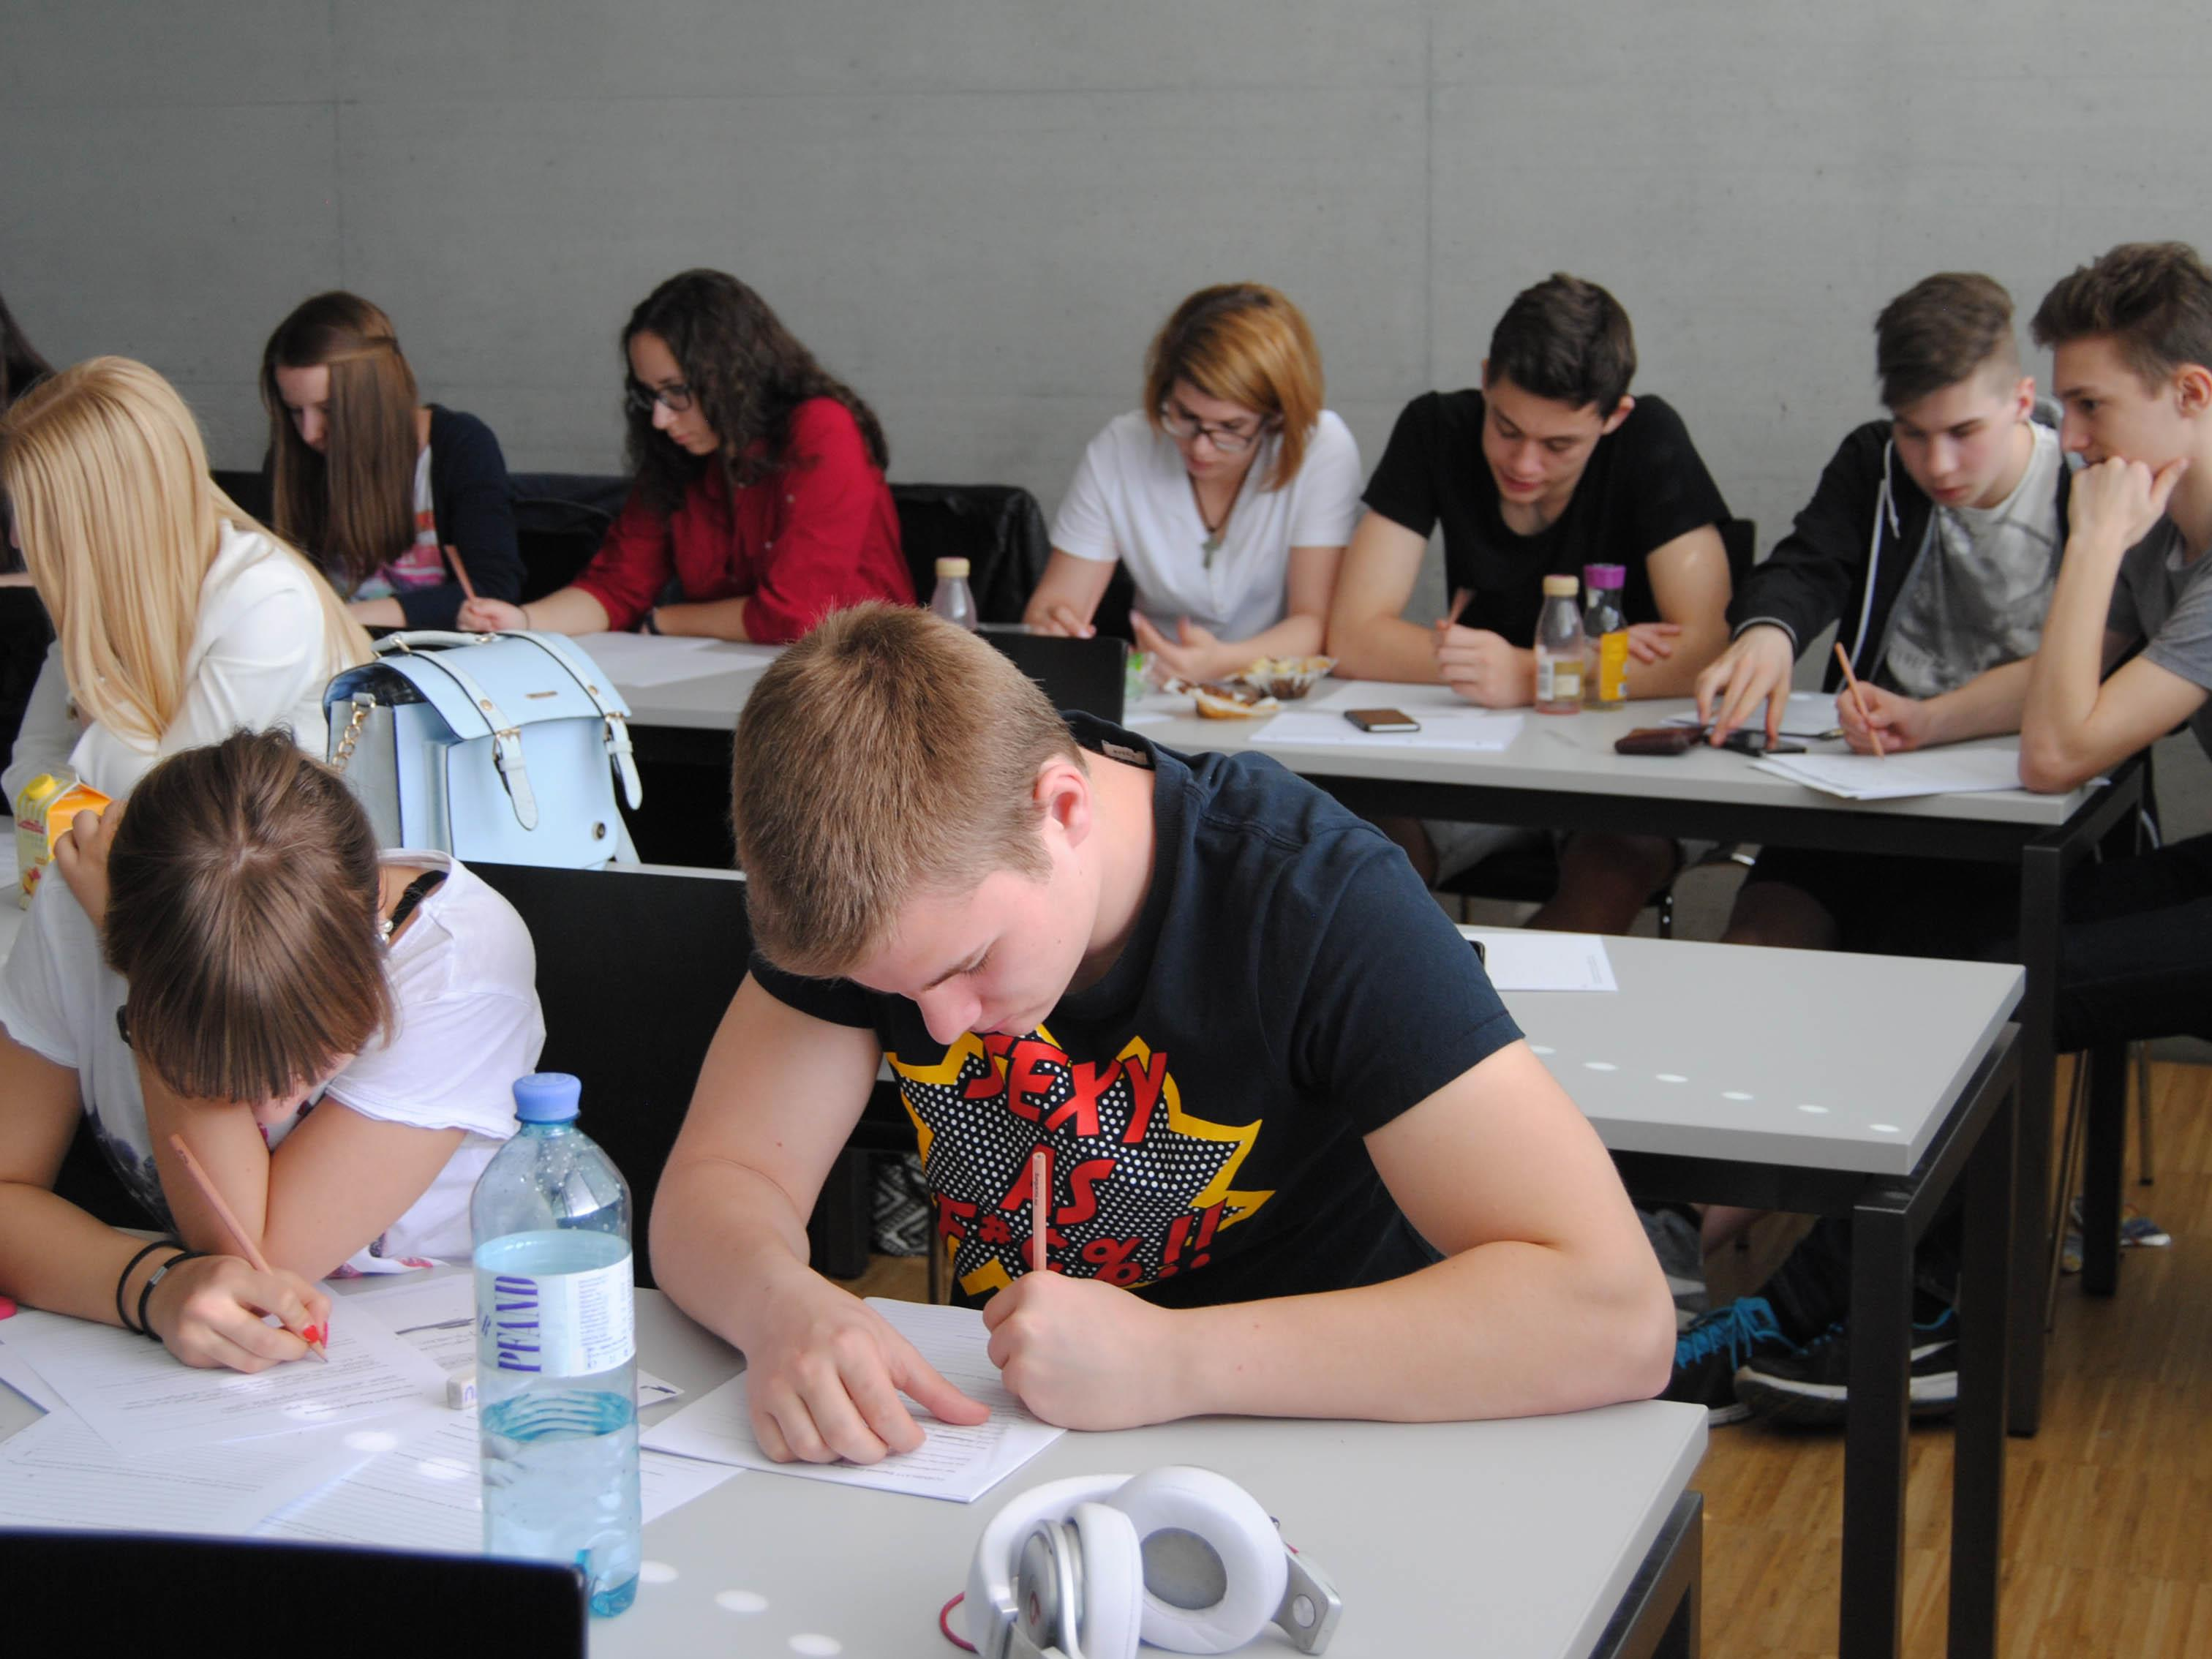 993 SchülerInnen aus 14 AHS aus ganz Vorarlberg haben an diesem Workshop teilgenommen.